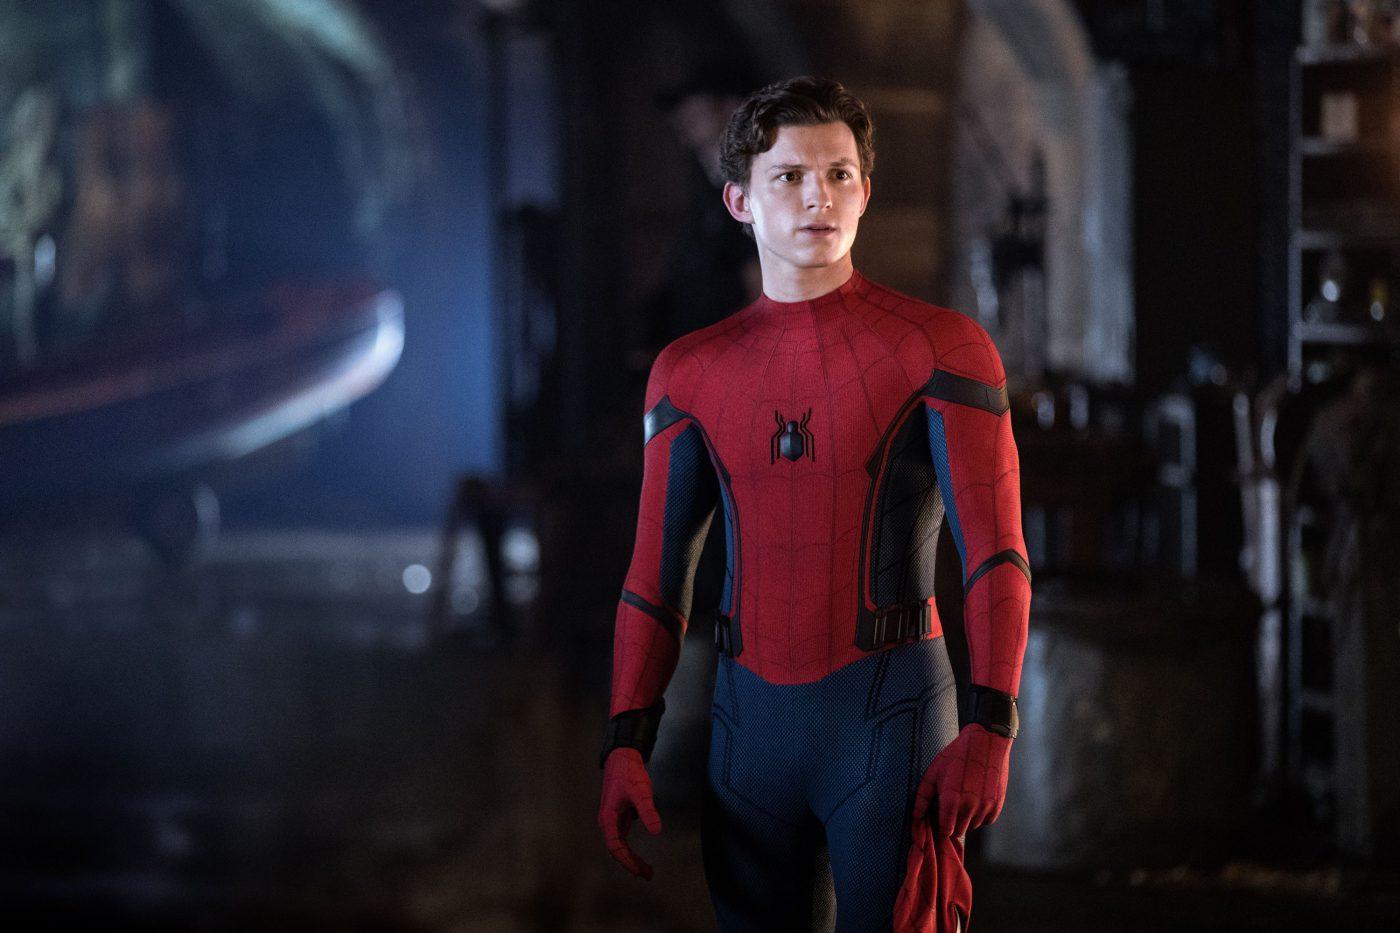 Combien de films pour Tom Holland (Spider-Man) dans le MCU ?